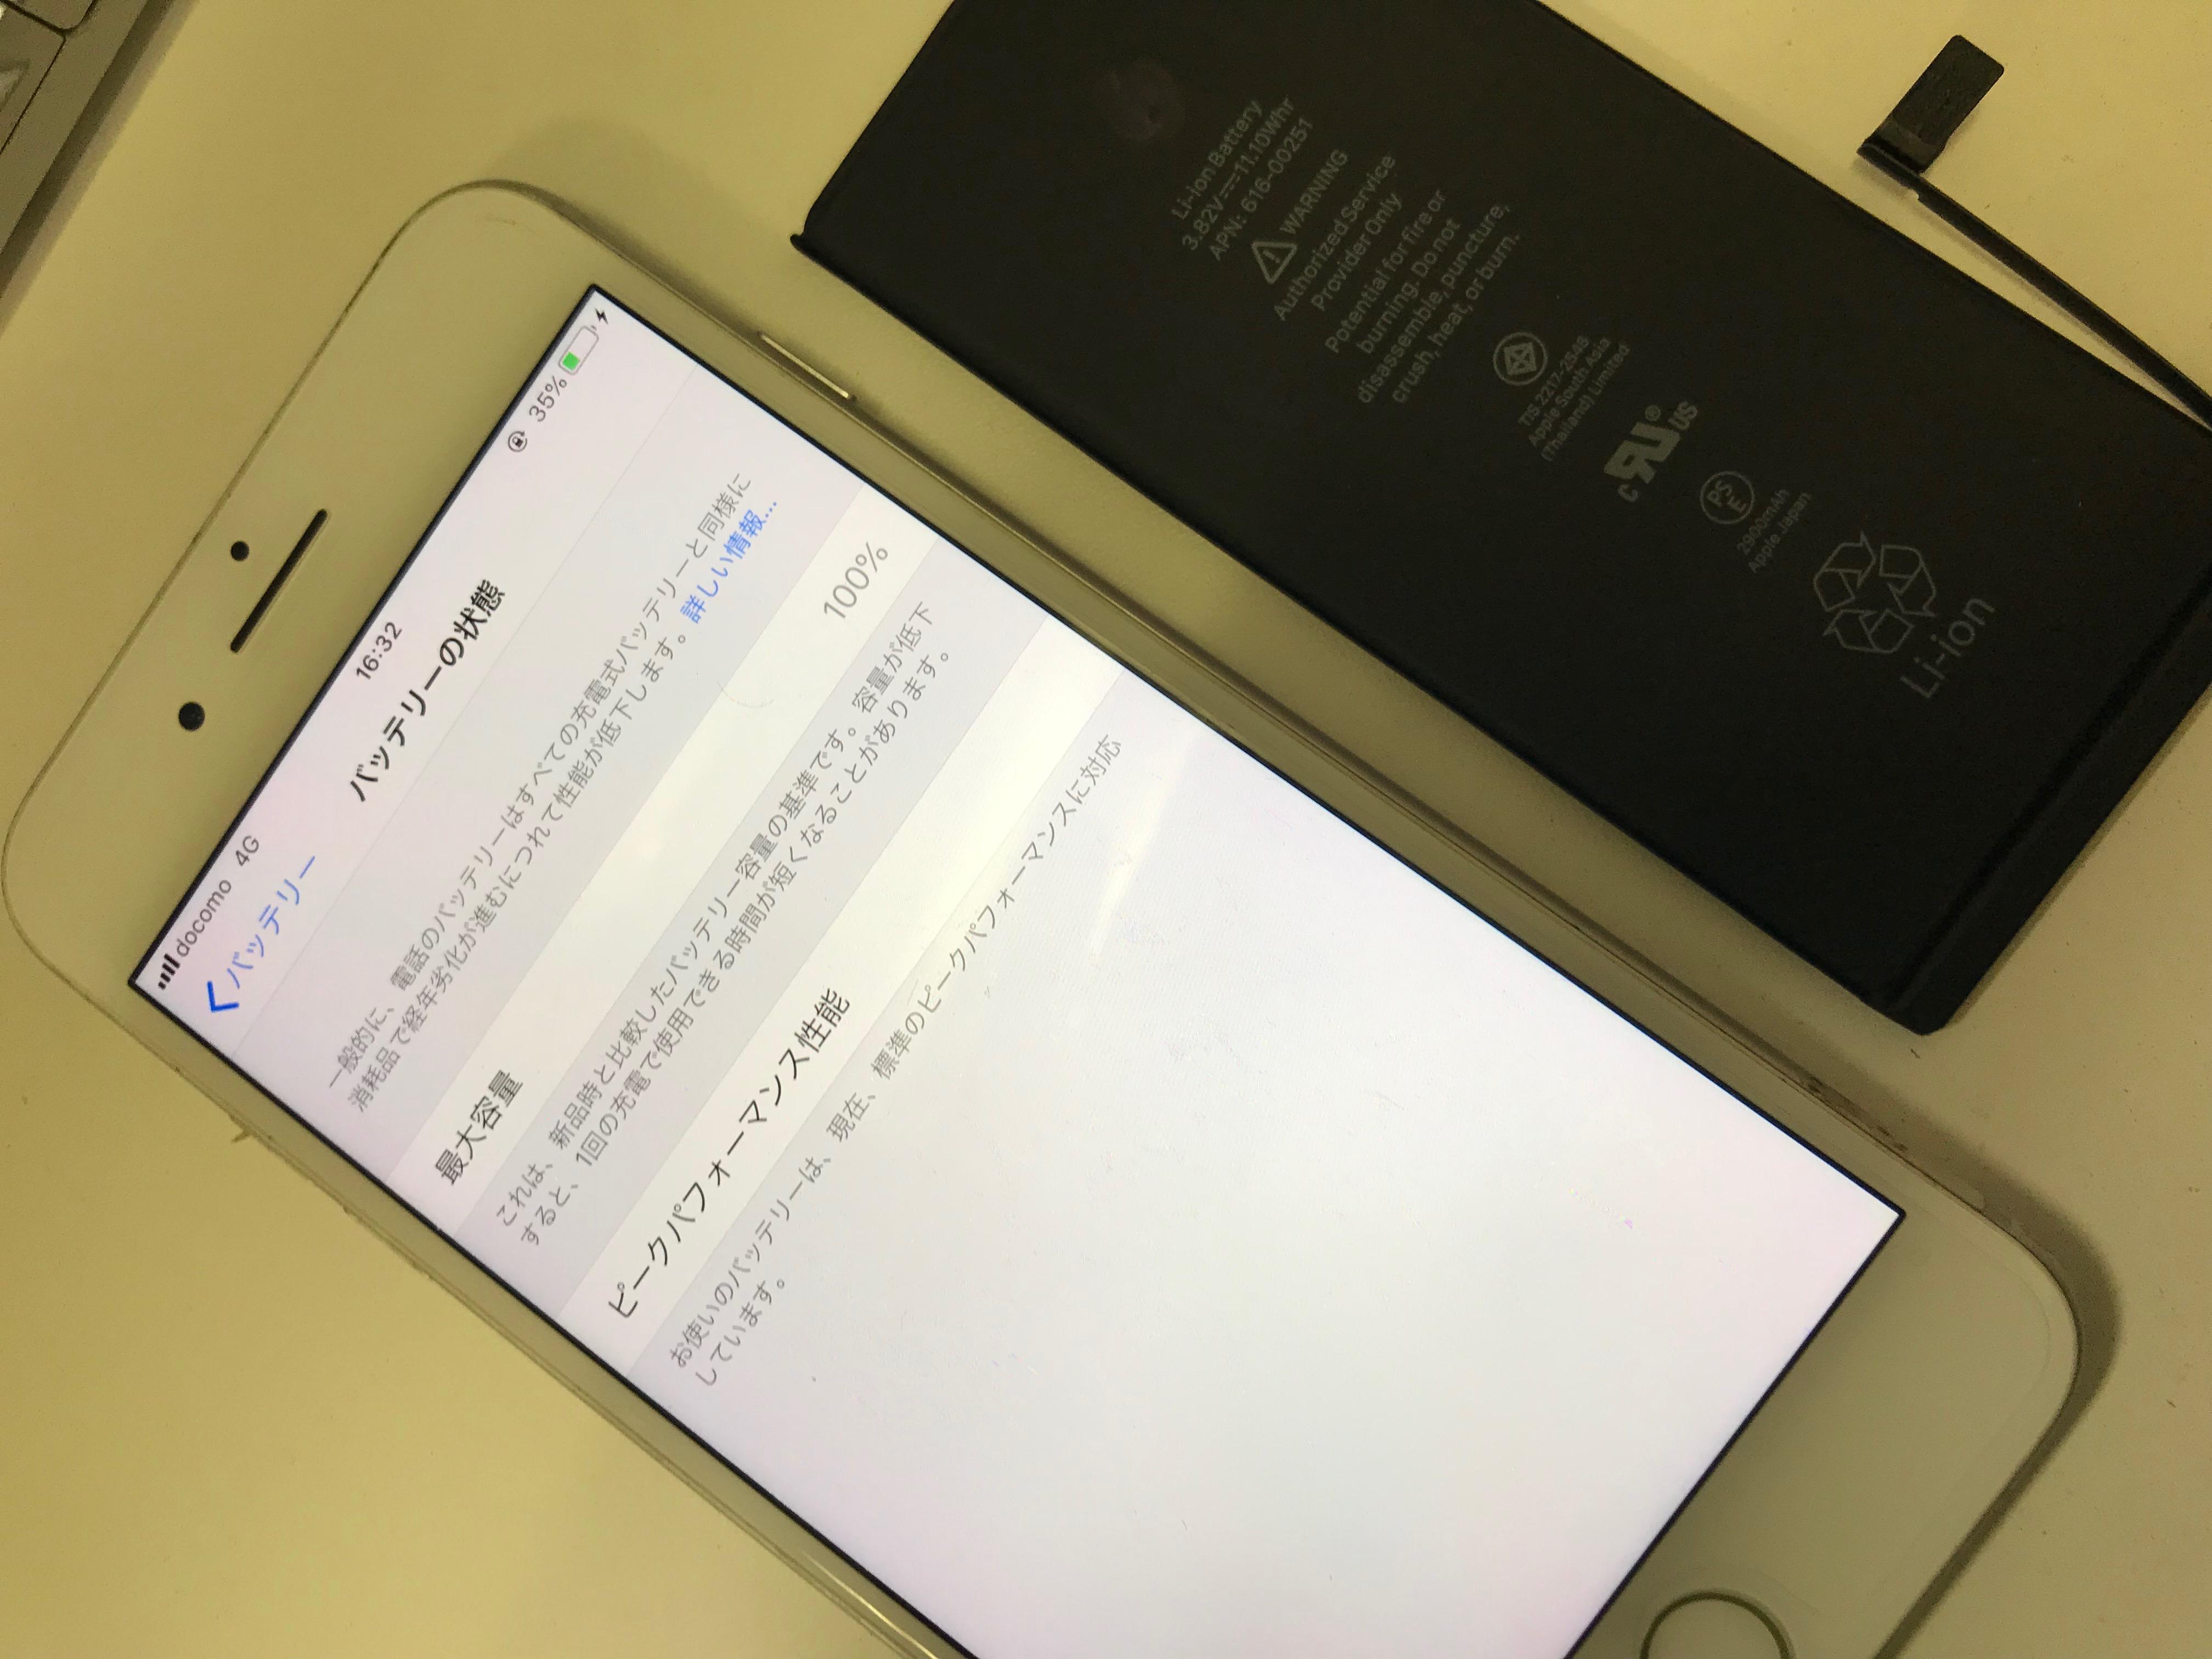 修理後:iPhone7plusのバッテリーが弱ってしまったら、バッテリーのみ交換しませんか?